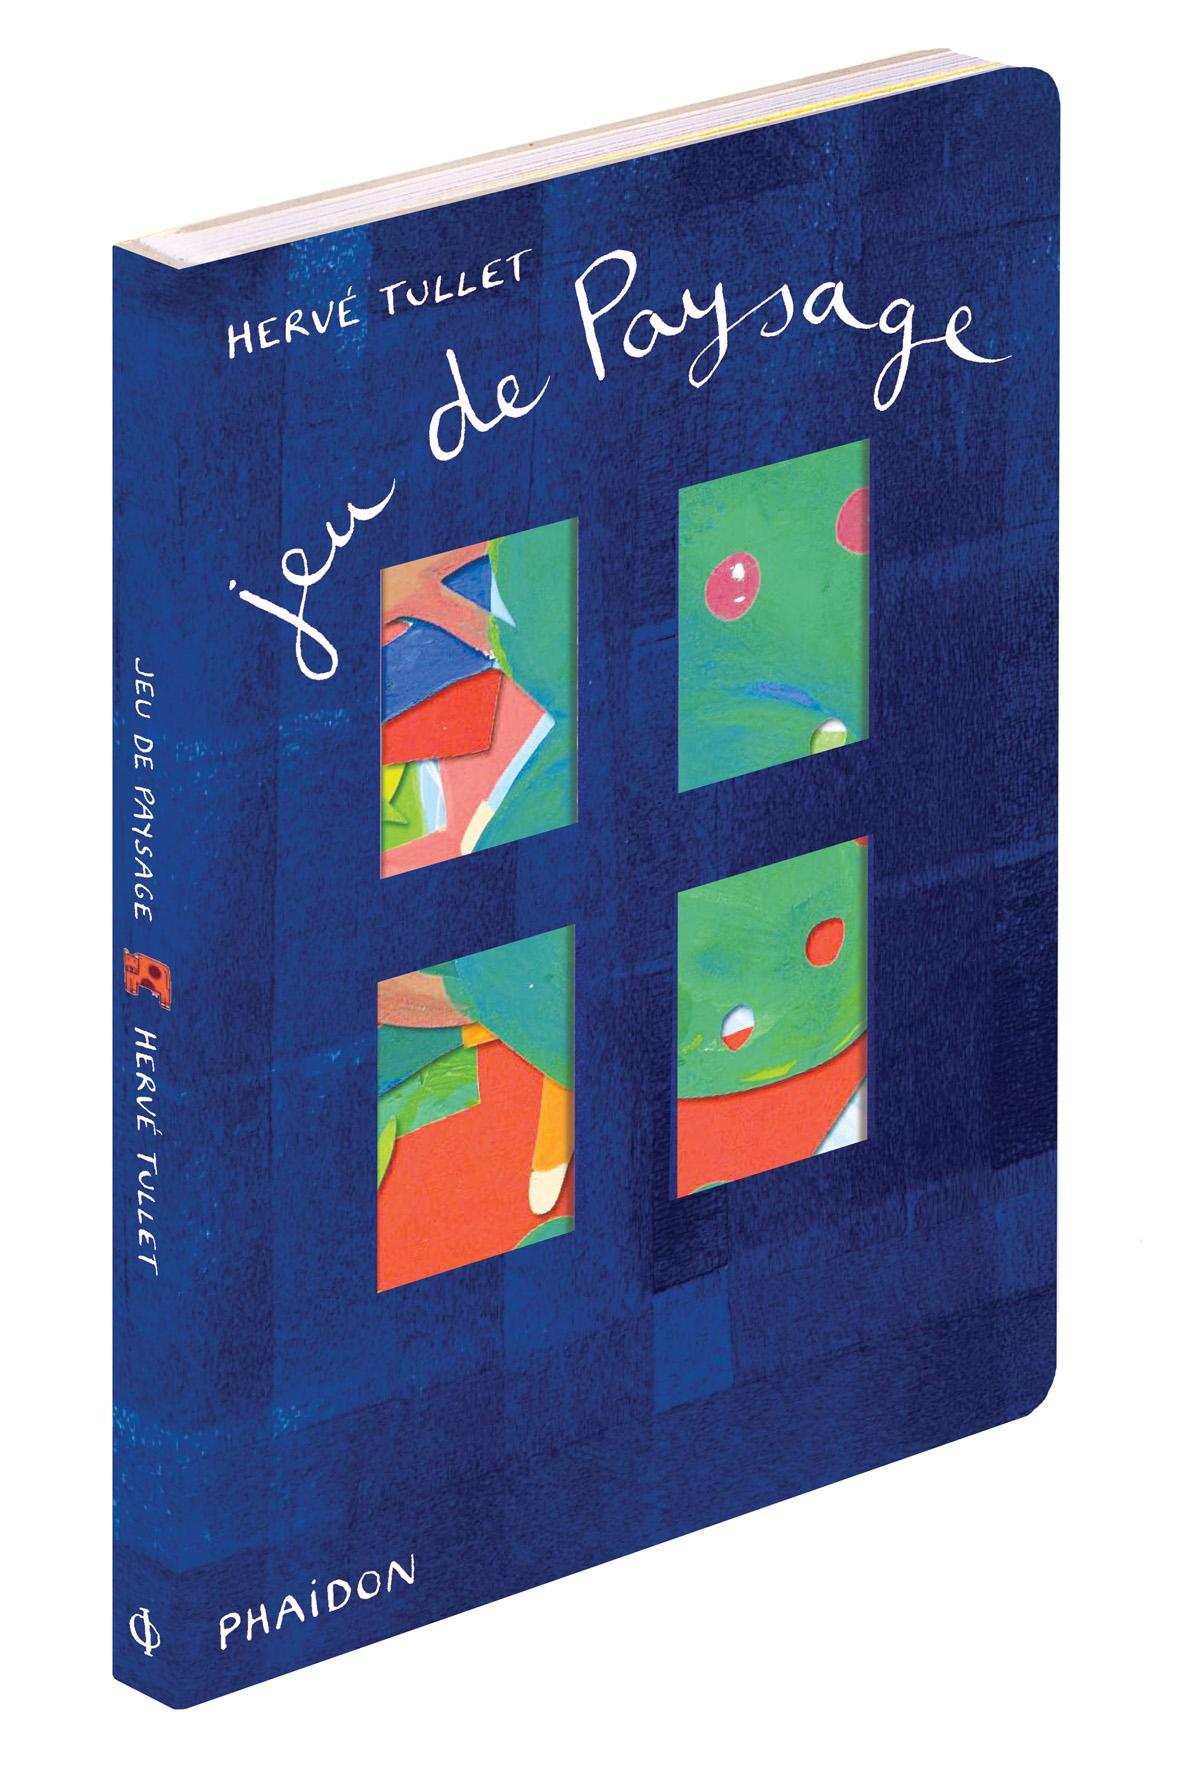 JEU DE PAYSAGE